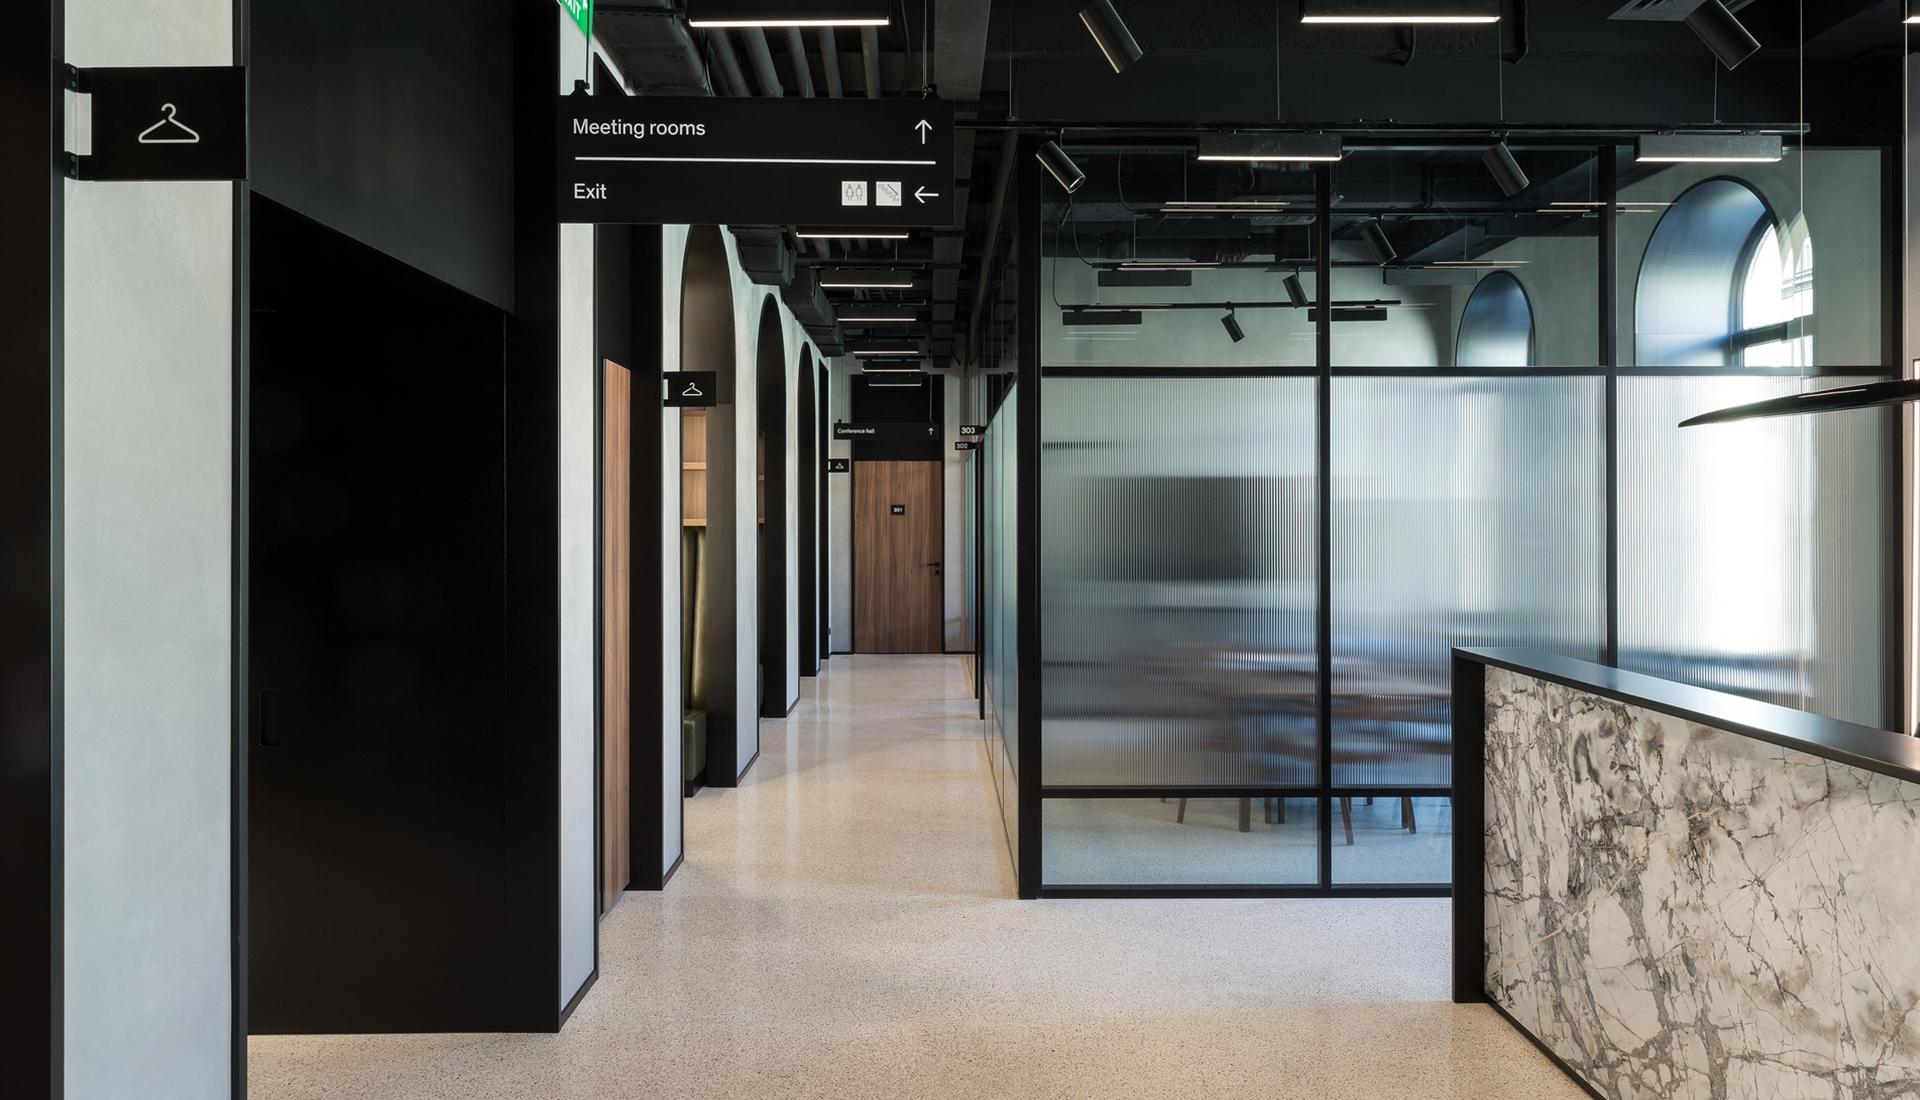 Бюро Lofting: офис консалтинговой компании в Петербурге